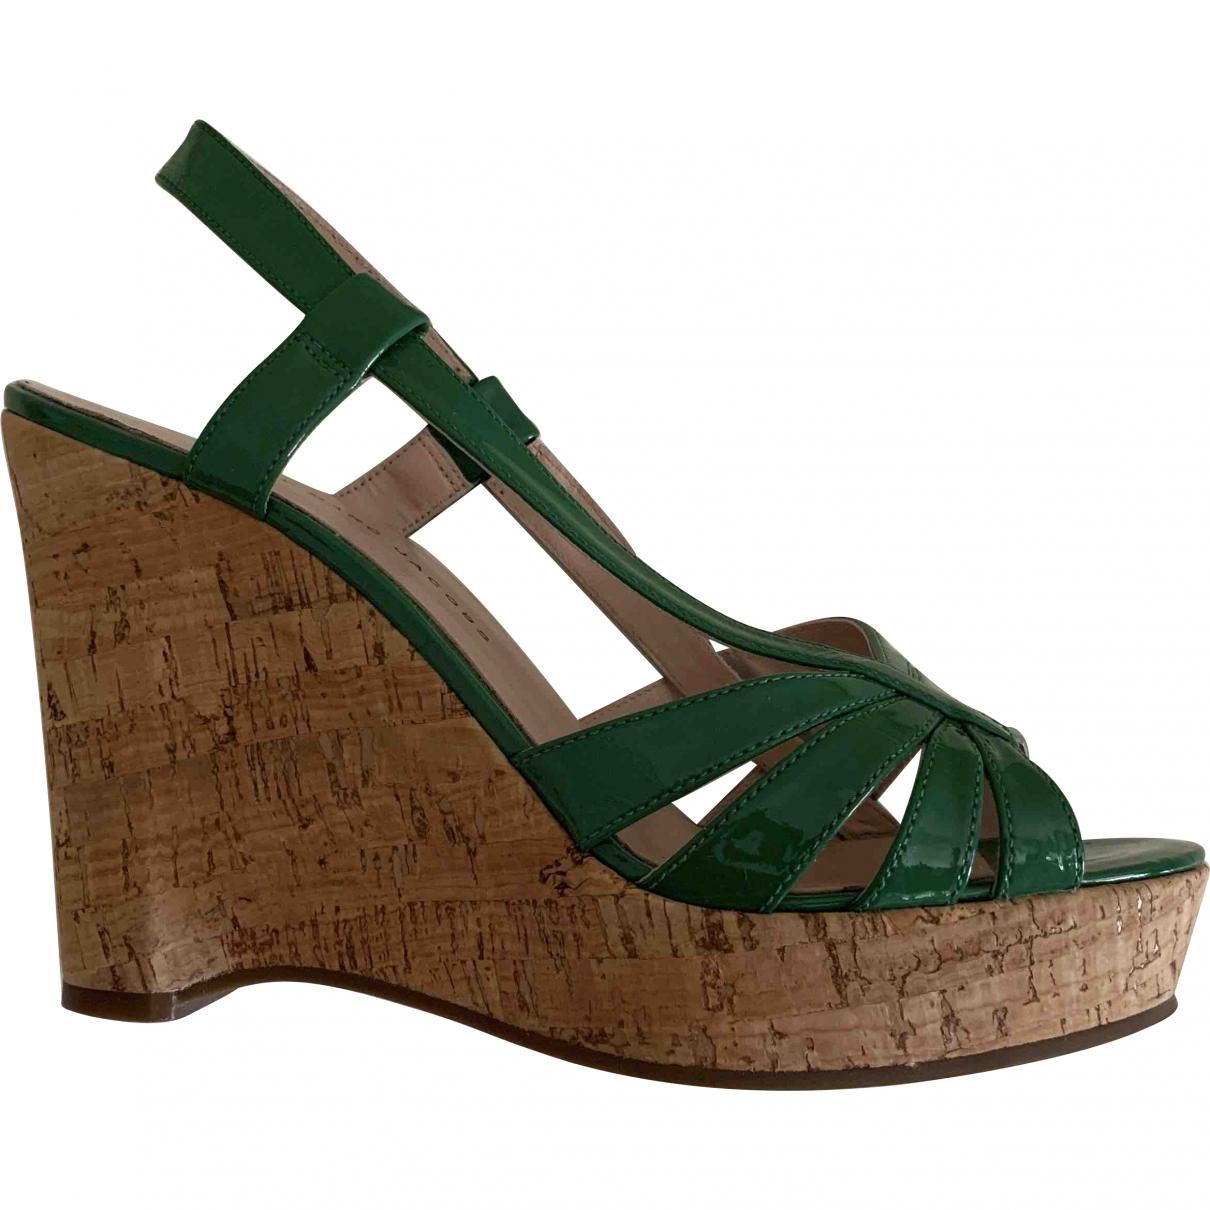 Marc By Marc Jacobs - Sandales   pour femme en cuir verni - vert